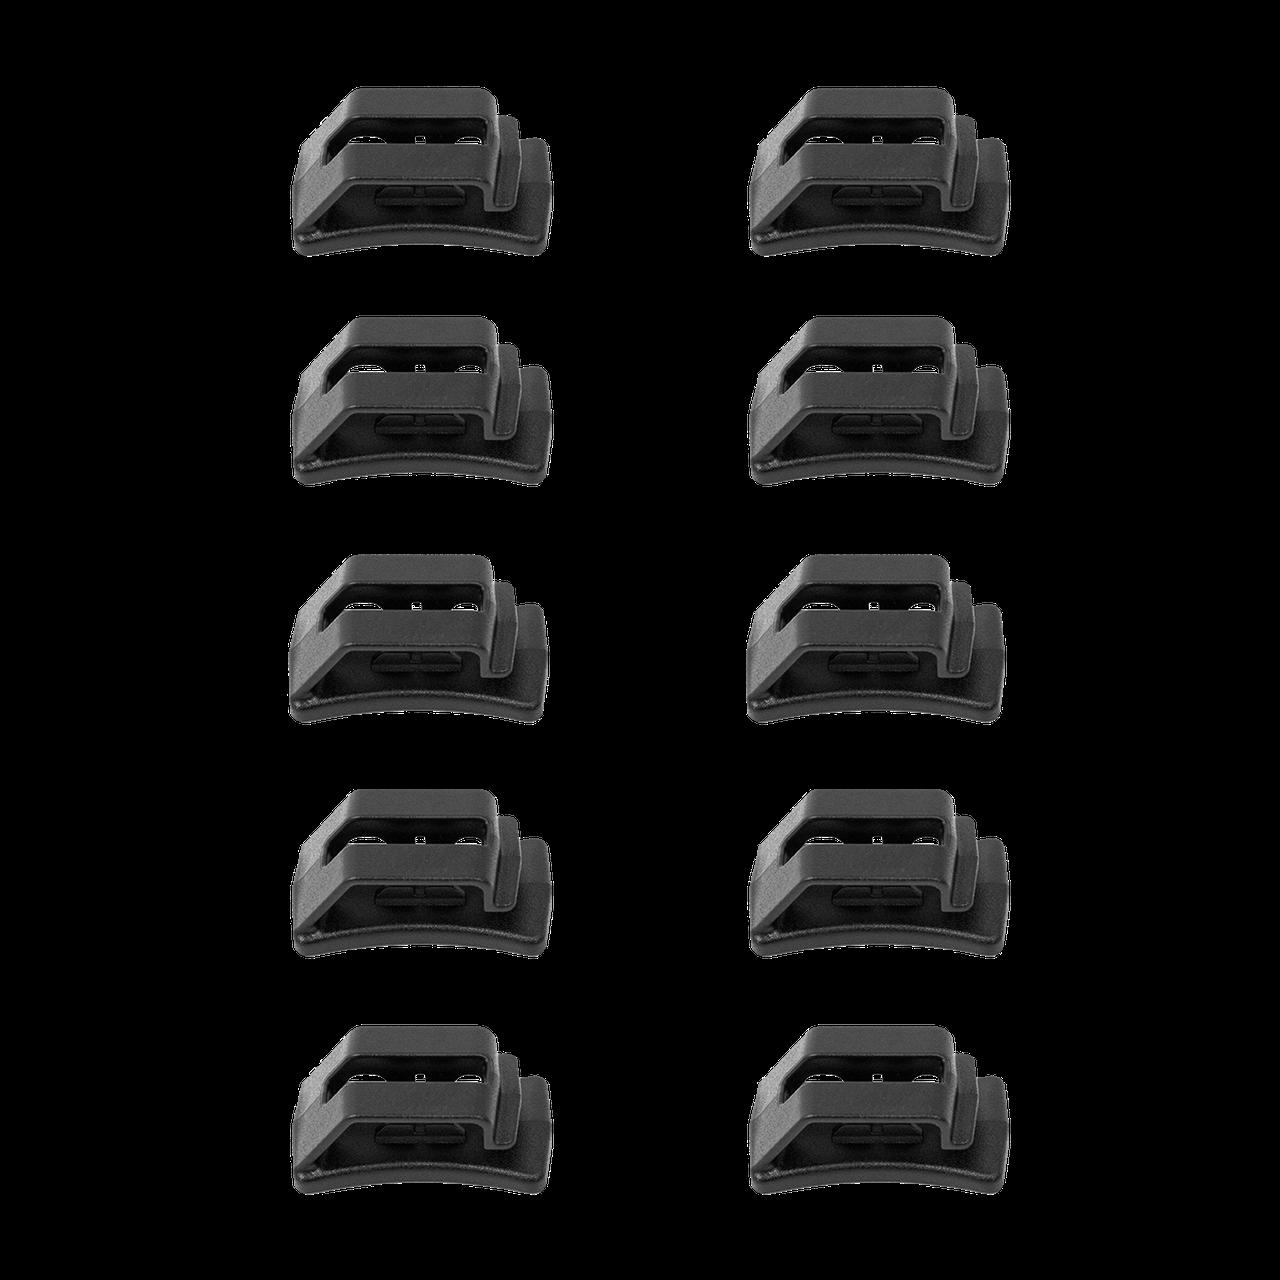 Аксессуар для Jabra BIZ 2400: кожаные подушечки на динамики в упаковке 4 шт (14101-15)